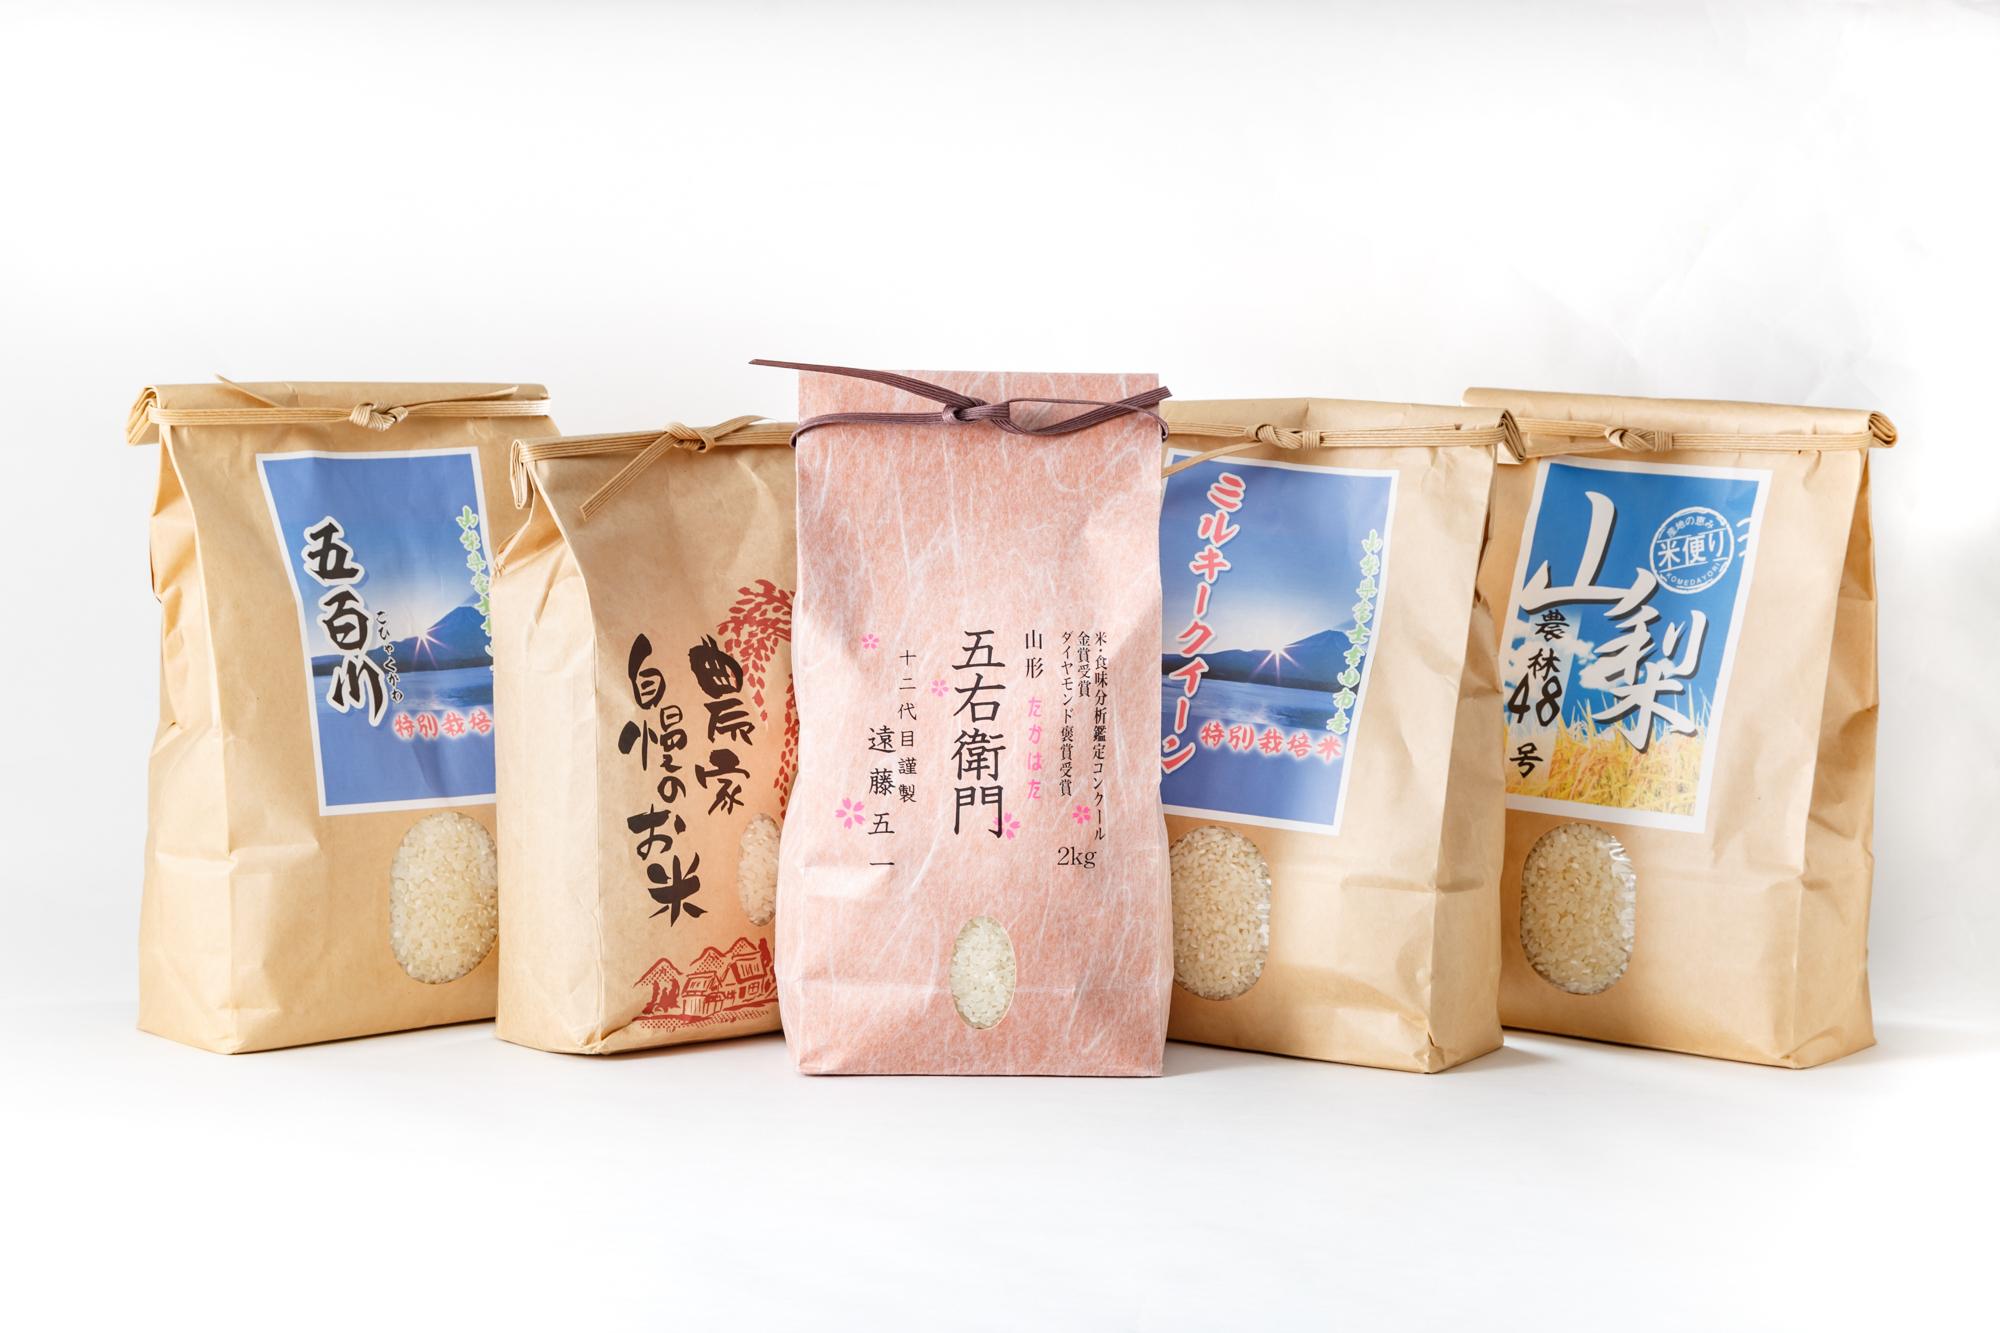 【コシヒカリ】日本一の米を作る遠藤五一さん栽培 特別栽培米 2kg